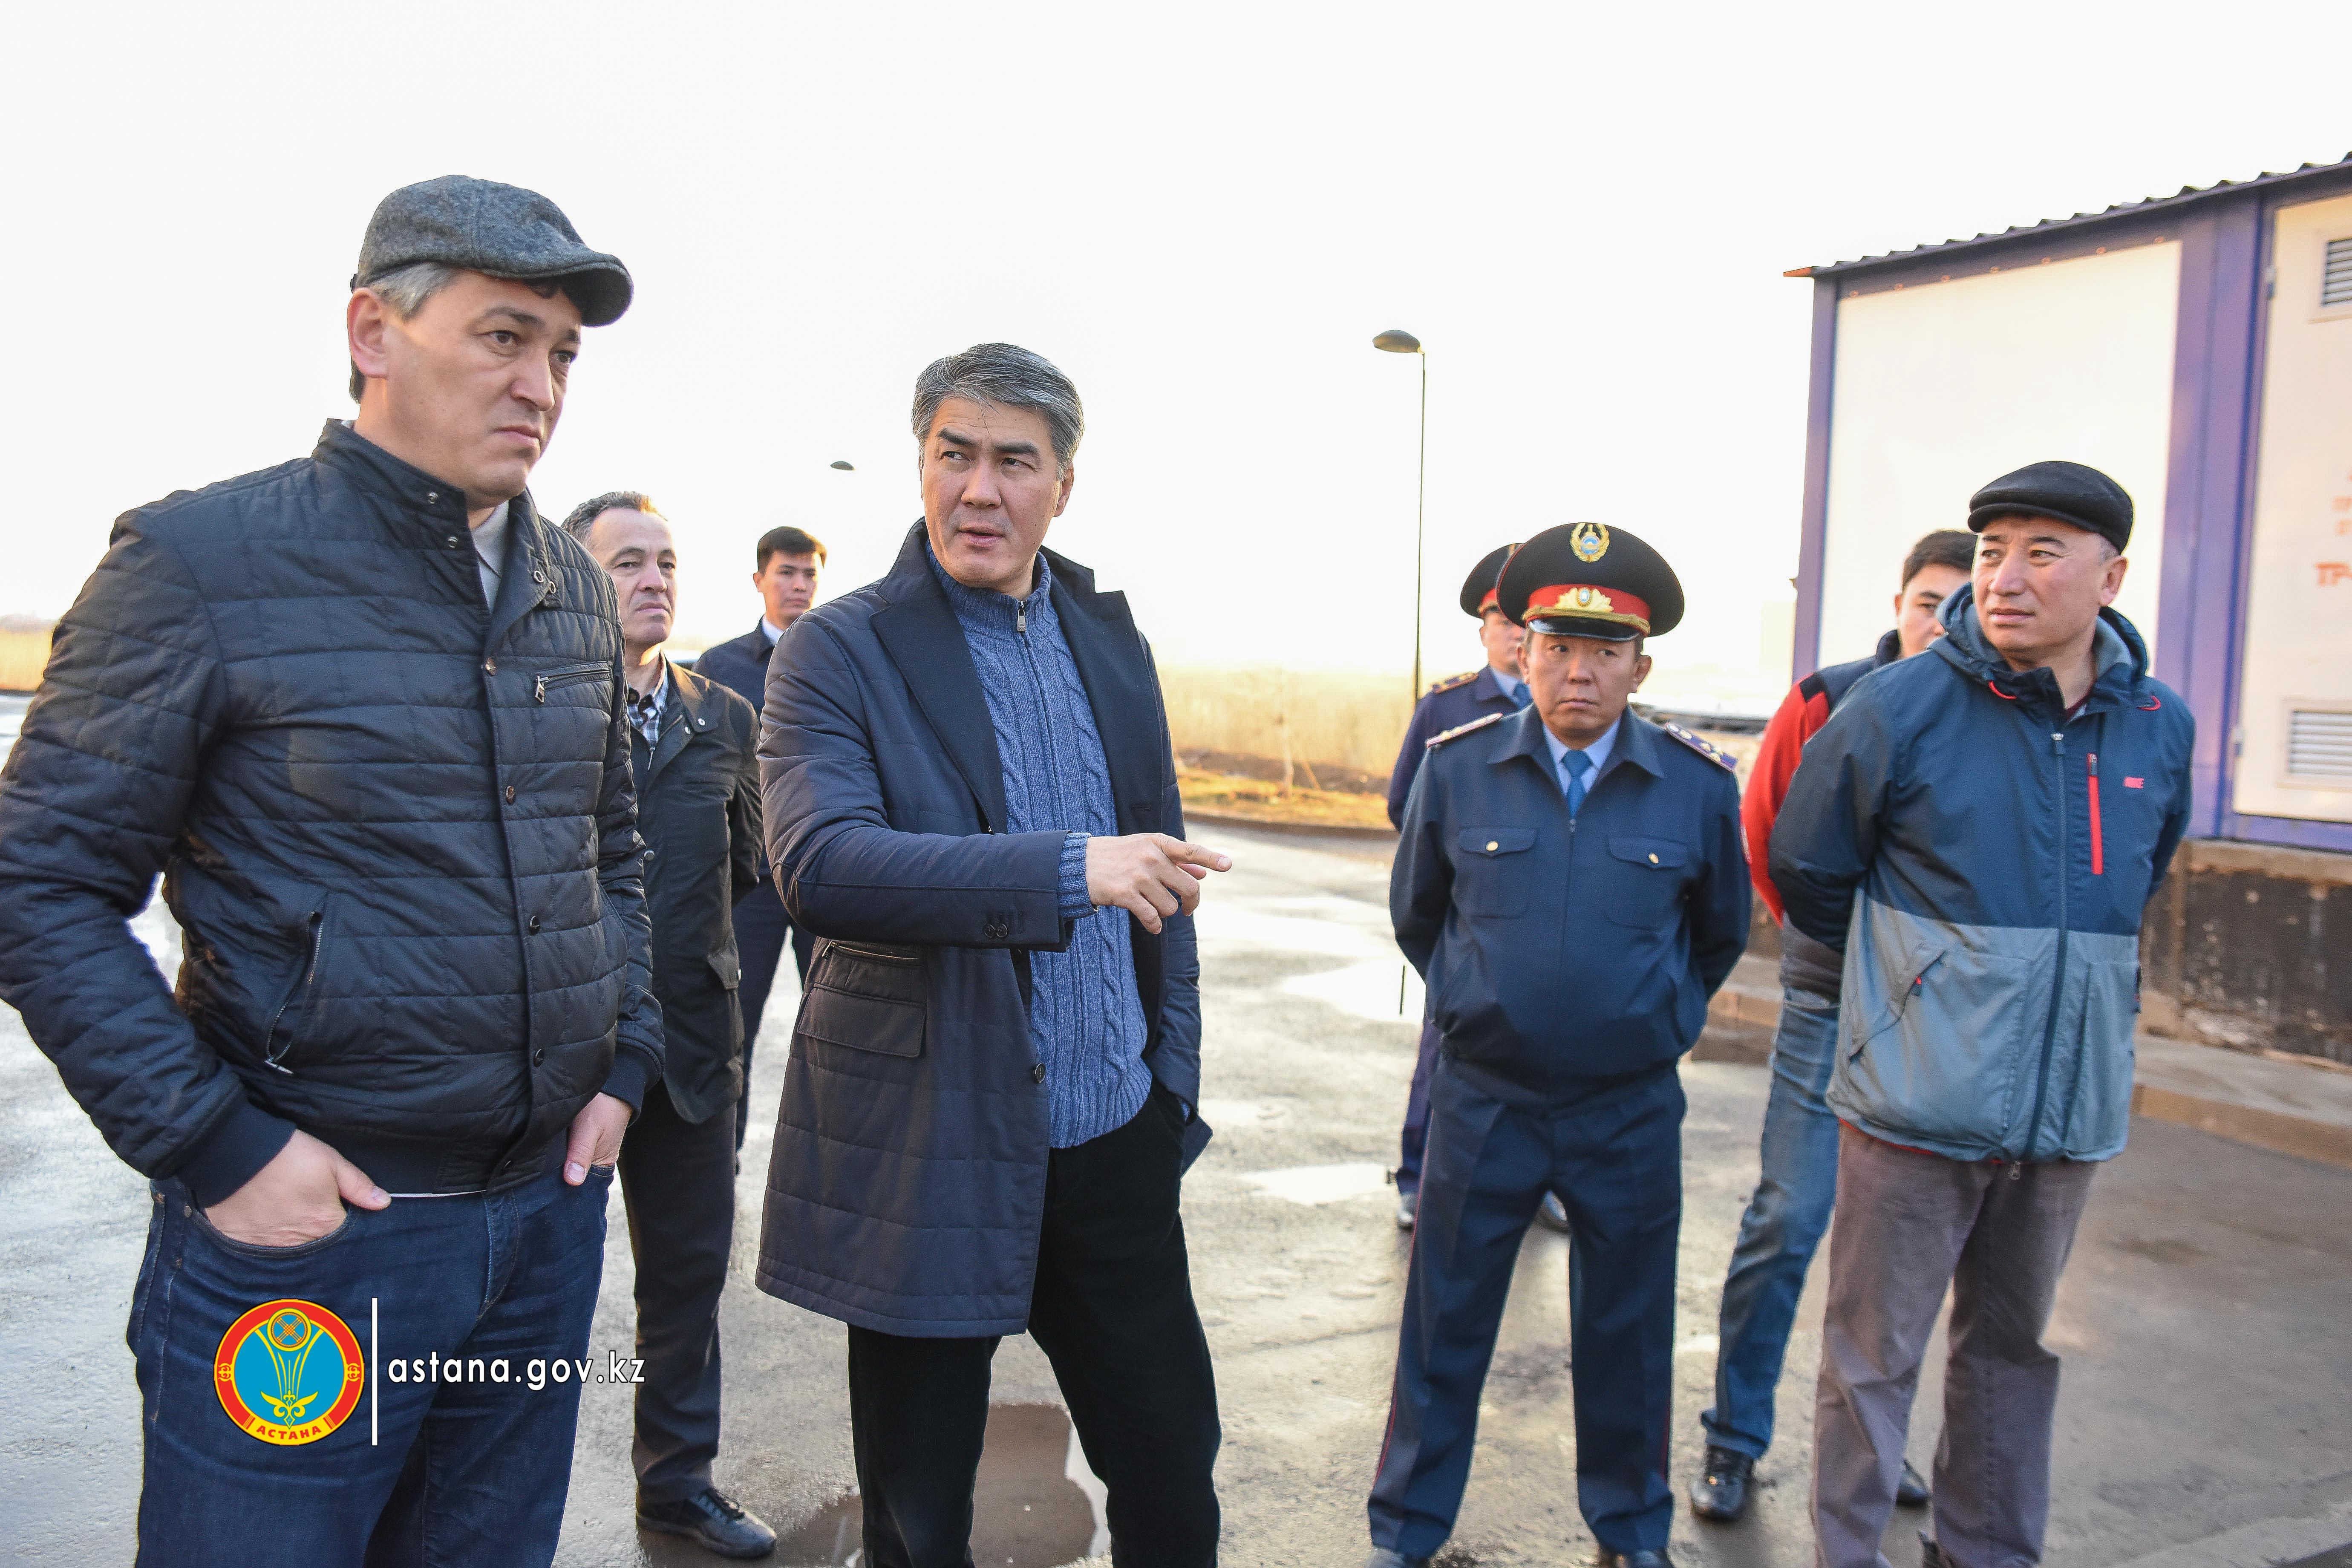 Астана әкімі Елбасы ескертуінен кейін таң атпастан елорда нысандарын аралап шықты